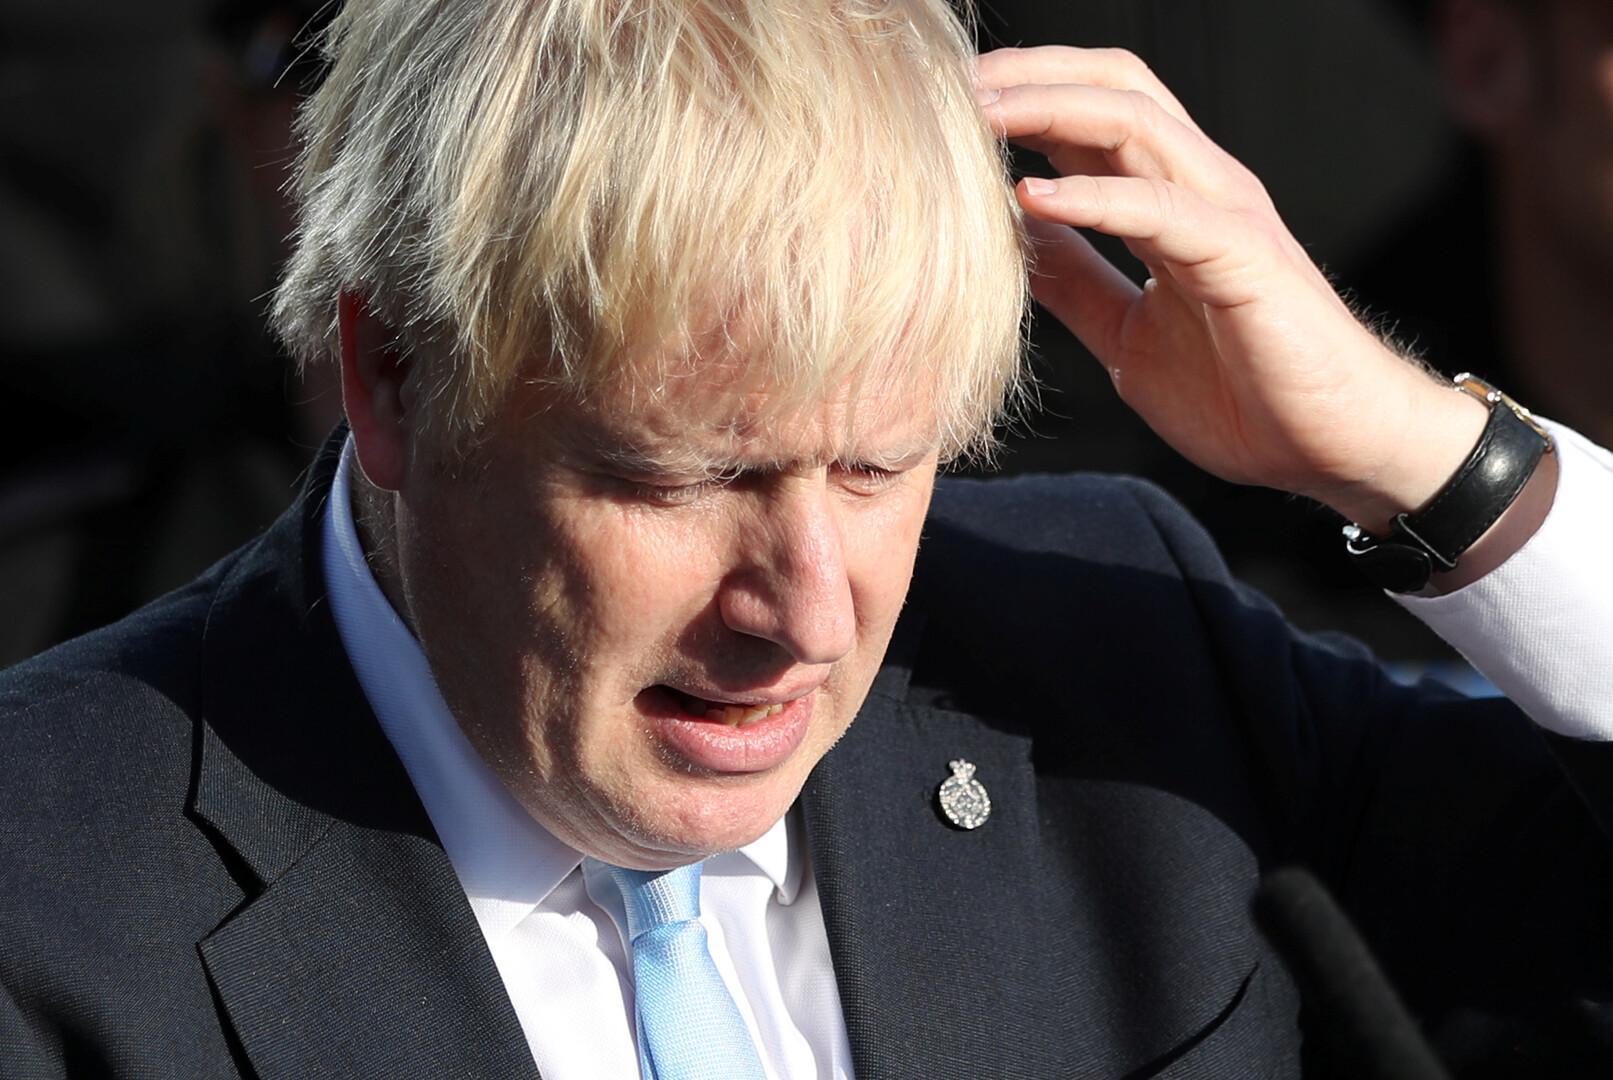 محكمة لندن ترفض الدعوى المقدمة ضد جونسون على خلفية تعليق البرلمان